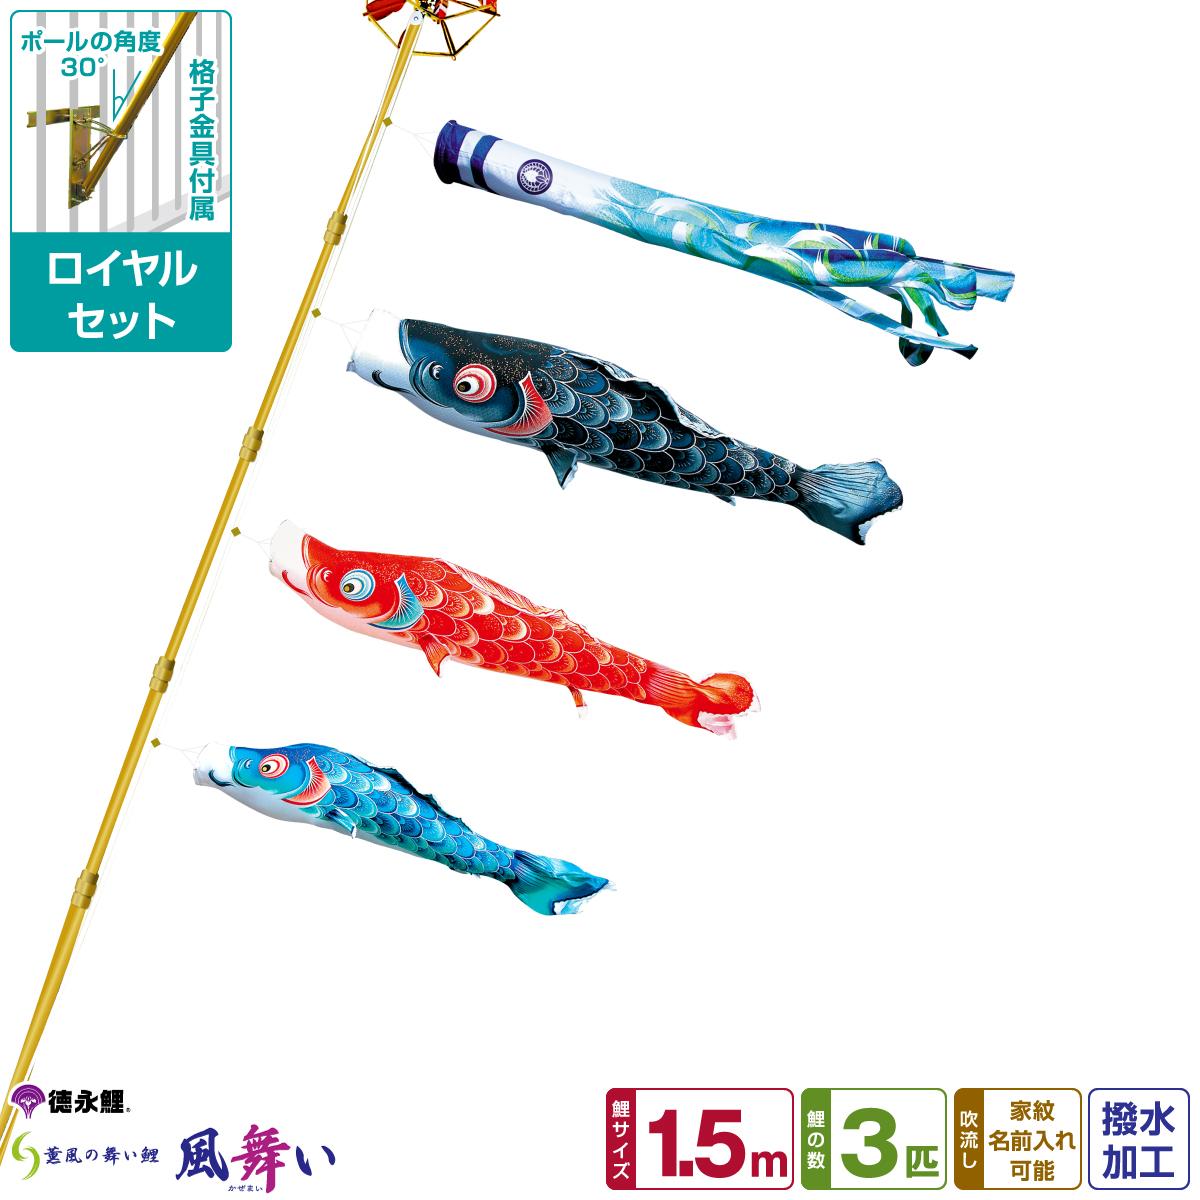 徳永鯉のぼり 風舞い鯉 1.5m 6点セット ベランダ用ロイヤルセット 2019年初節句 端午の節句 こどもの日 こいのぼり